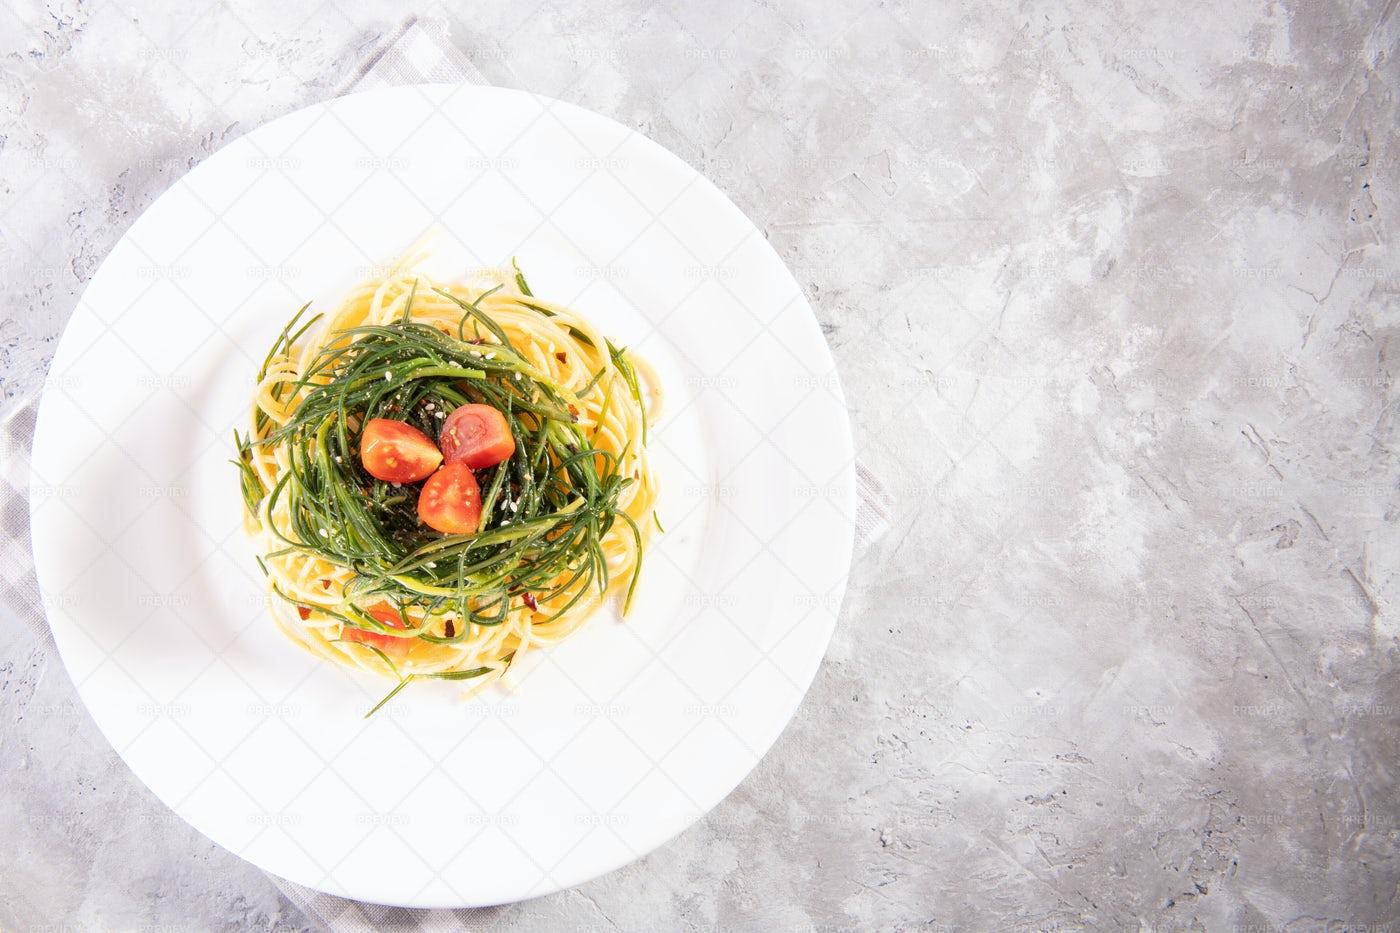 Spaghetti With Agretti: Stock Photos